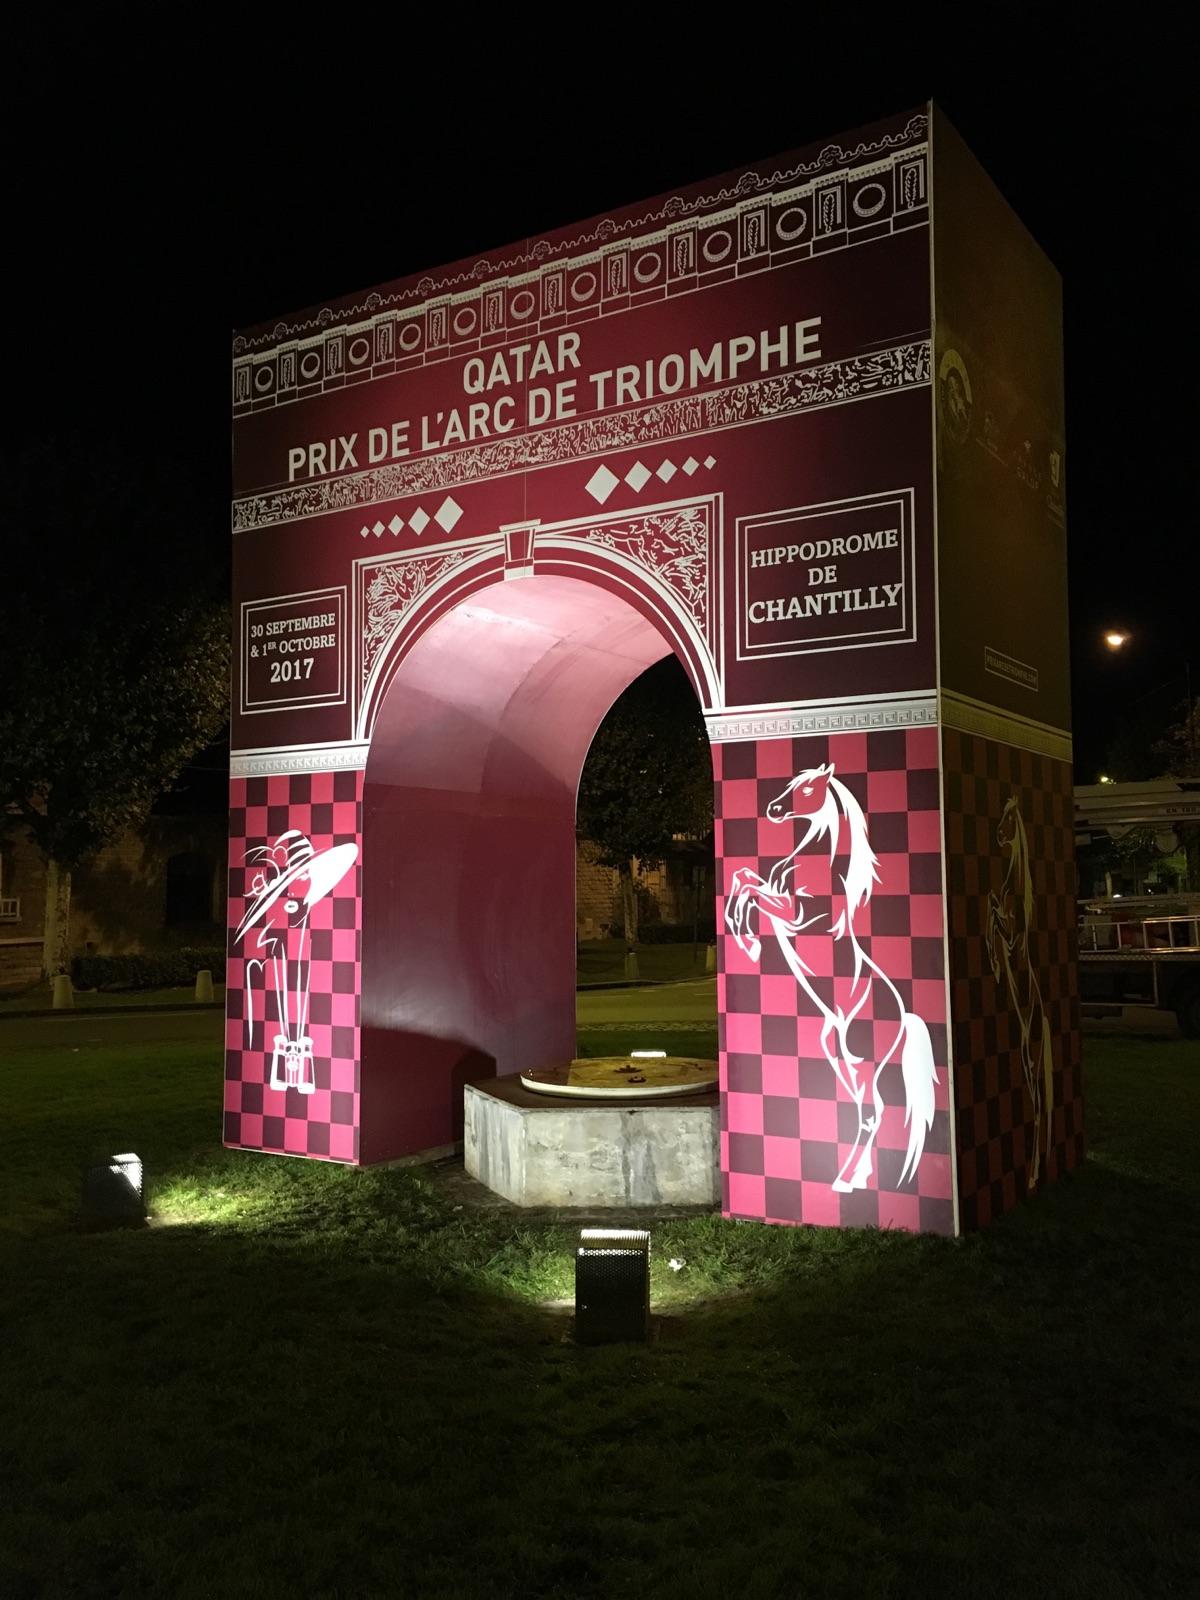 La structure en bois représente le design conçu par notre agence de communication visuelle pour la célèbre course